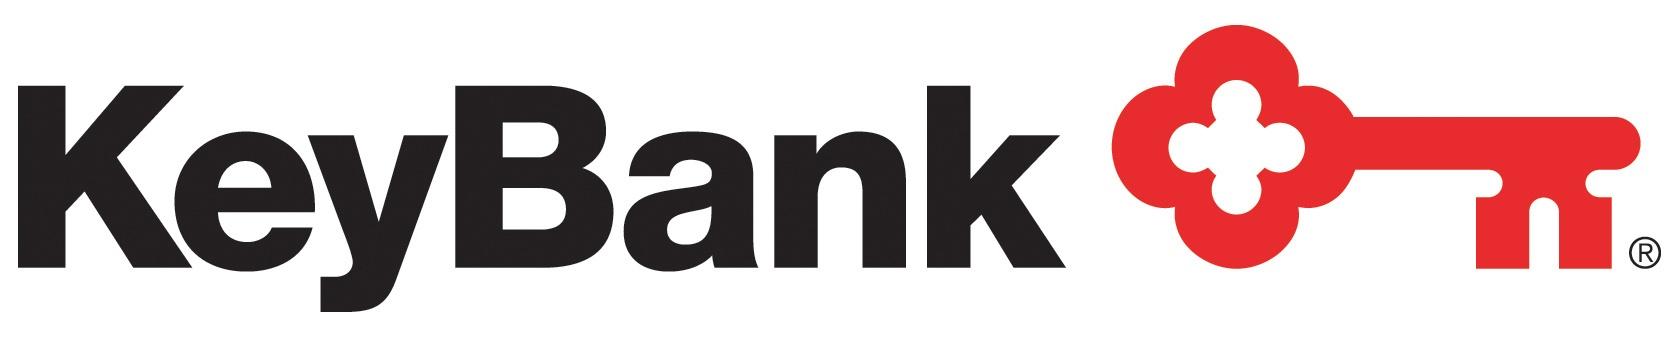 KeyBank-logo-RGB